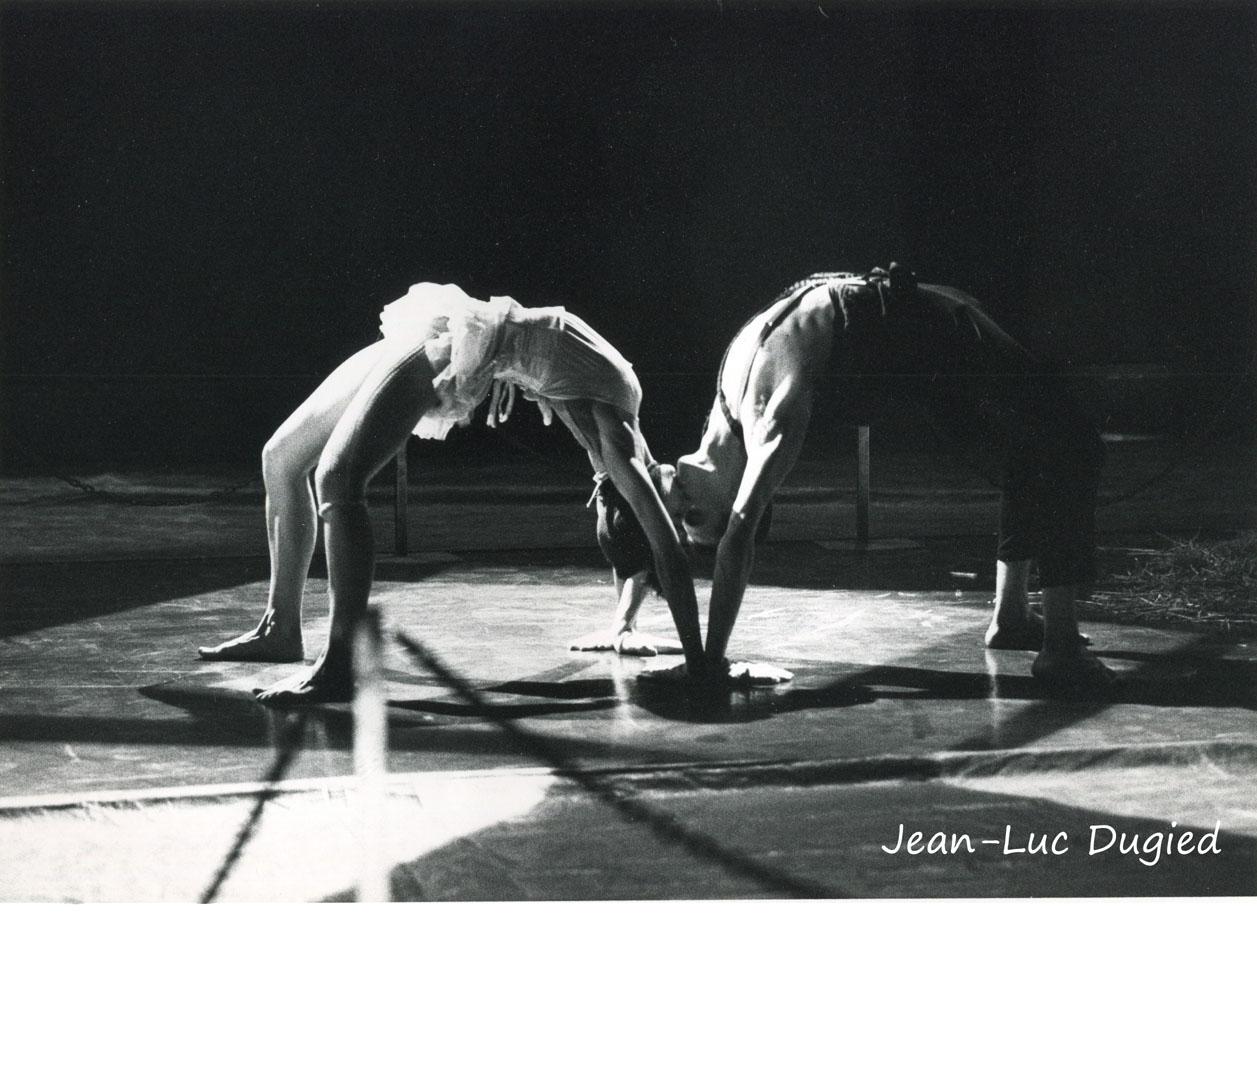 6 Chopinot Régine - Délices - Michèle Prélonge et Philippe Decouflé - 1983